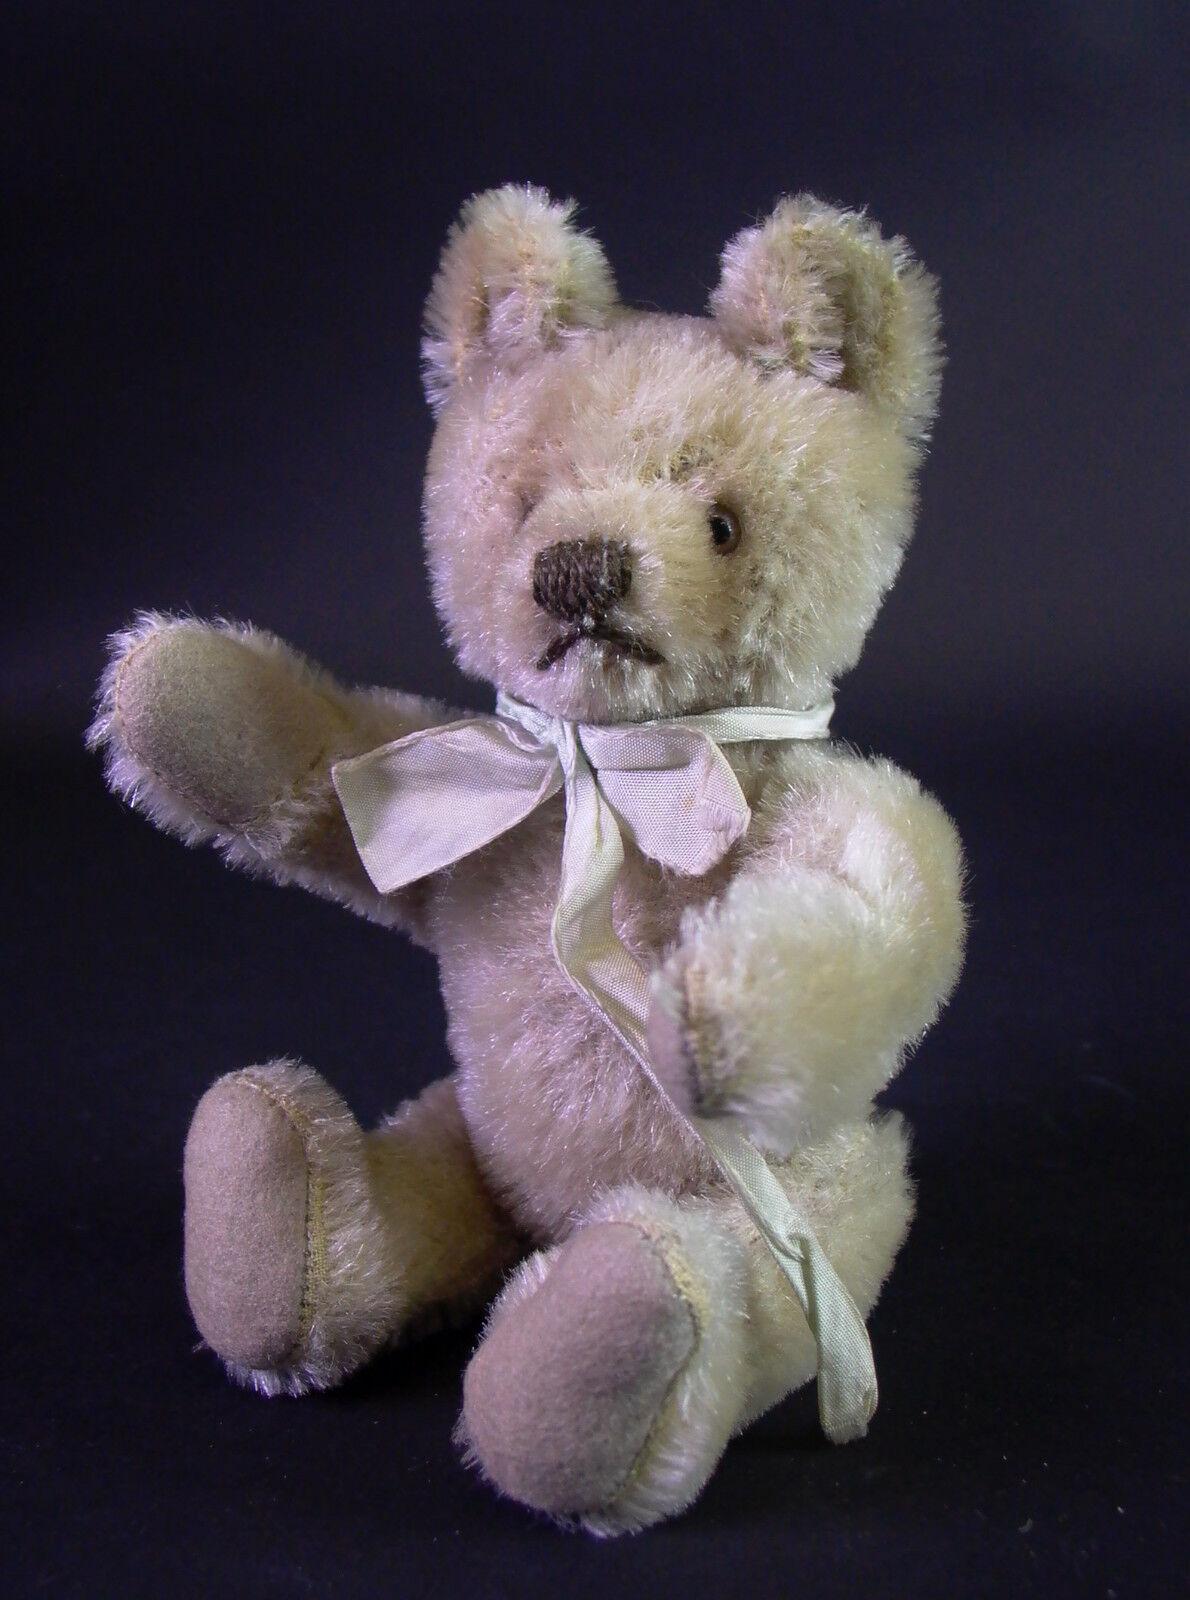 Süsser älterer Steiff Teddy - Teddybear - 18cm